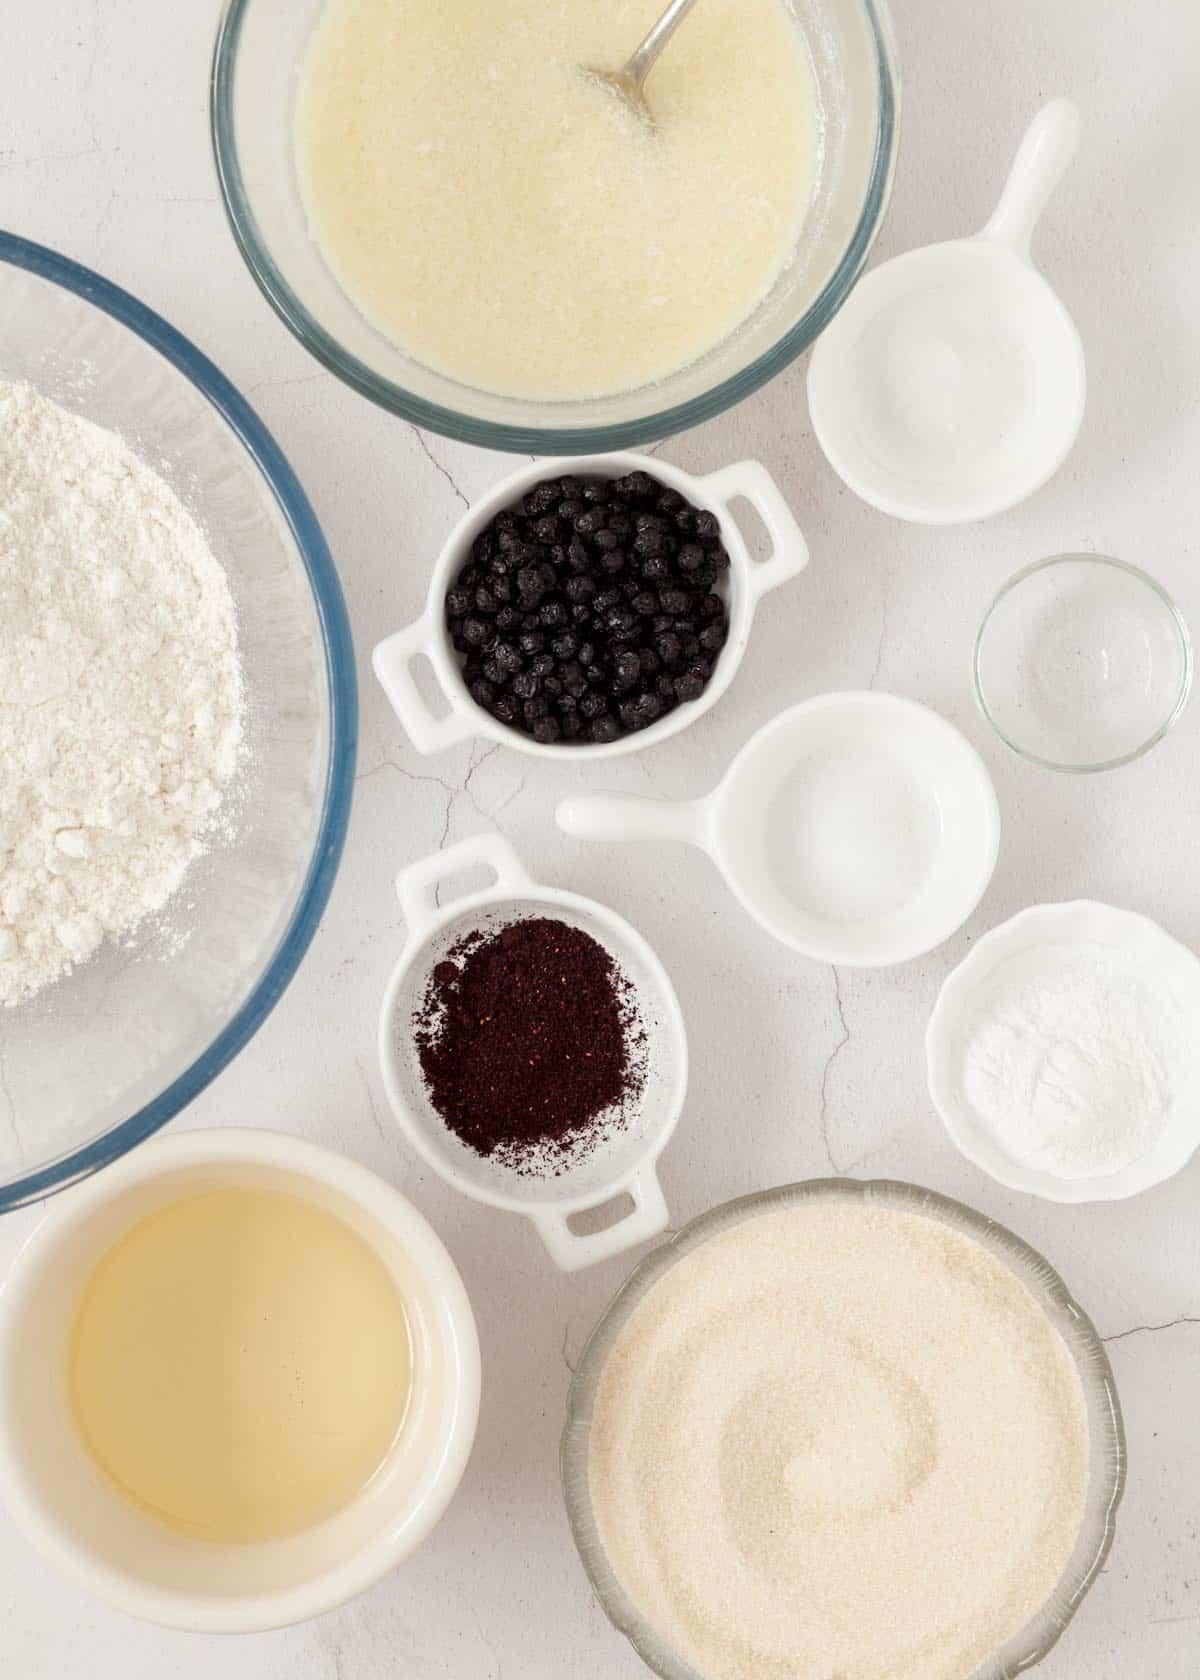 Ingredients - sugar, flour, dried blueberries, bilberry powder, baking powder, vegan buttermilk and oil